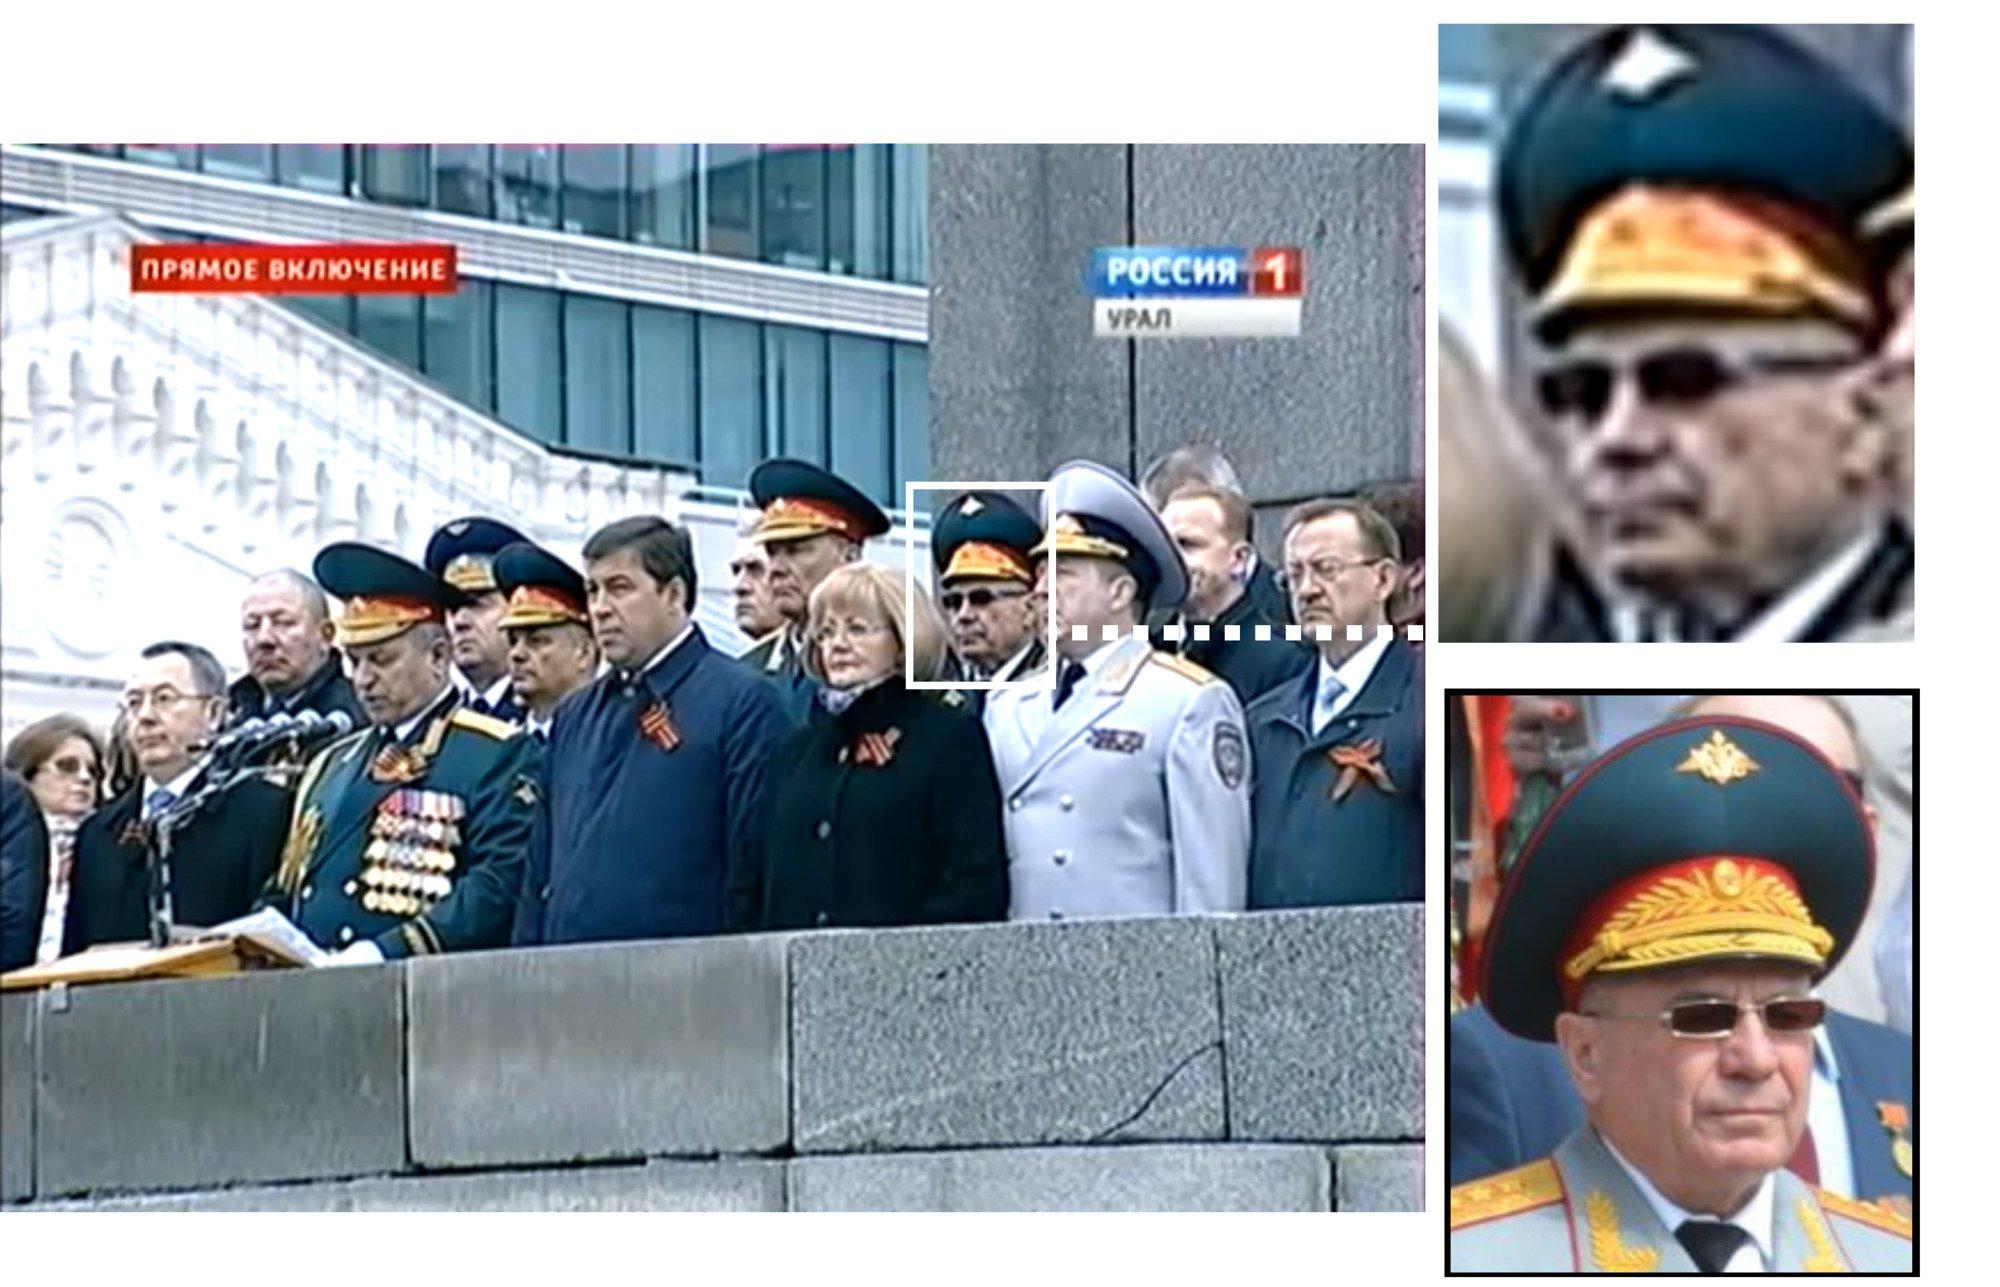 Генерал Ткачов на параді в Єкатеринбурзі 9 травня 2014 року